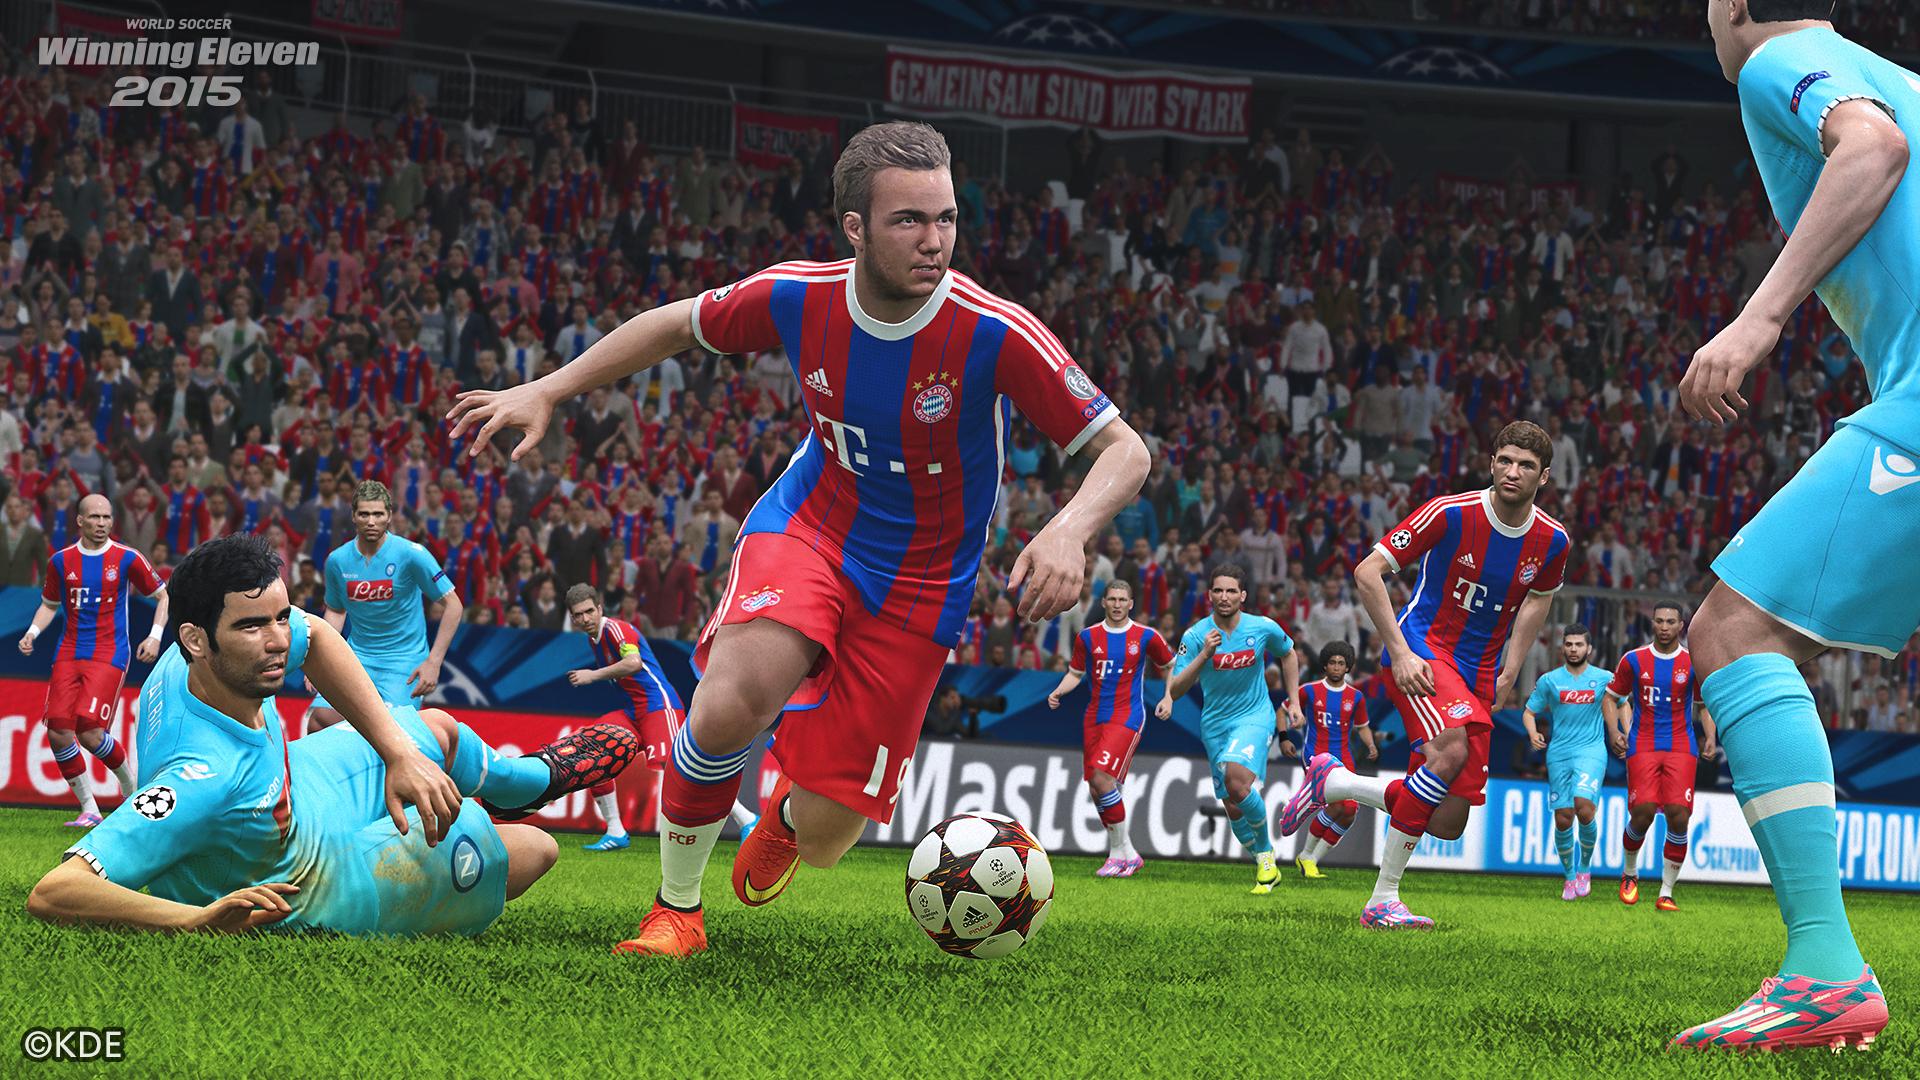 PS4,PS3,Xbox One用ソフト「ワールドサッカー ウイニングイレブン 2015」の発売日が2014年11月